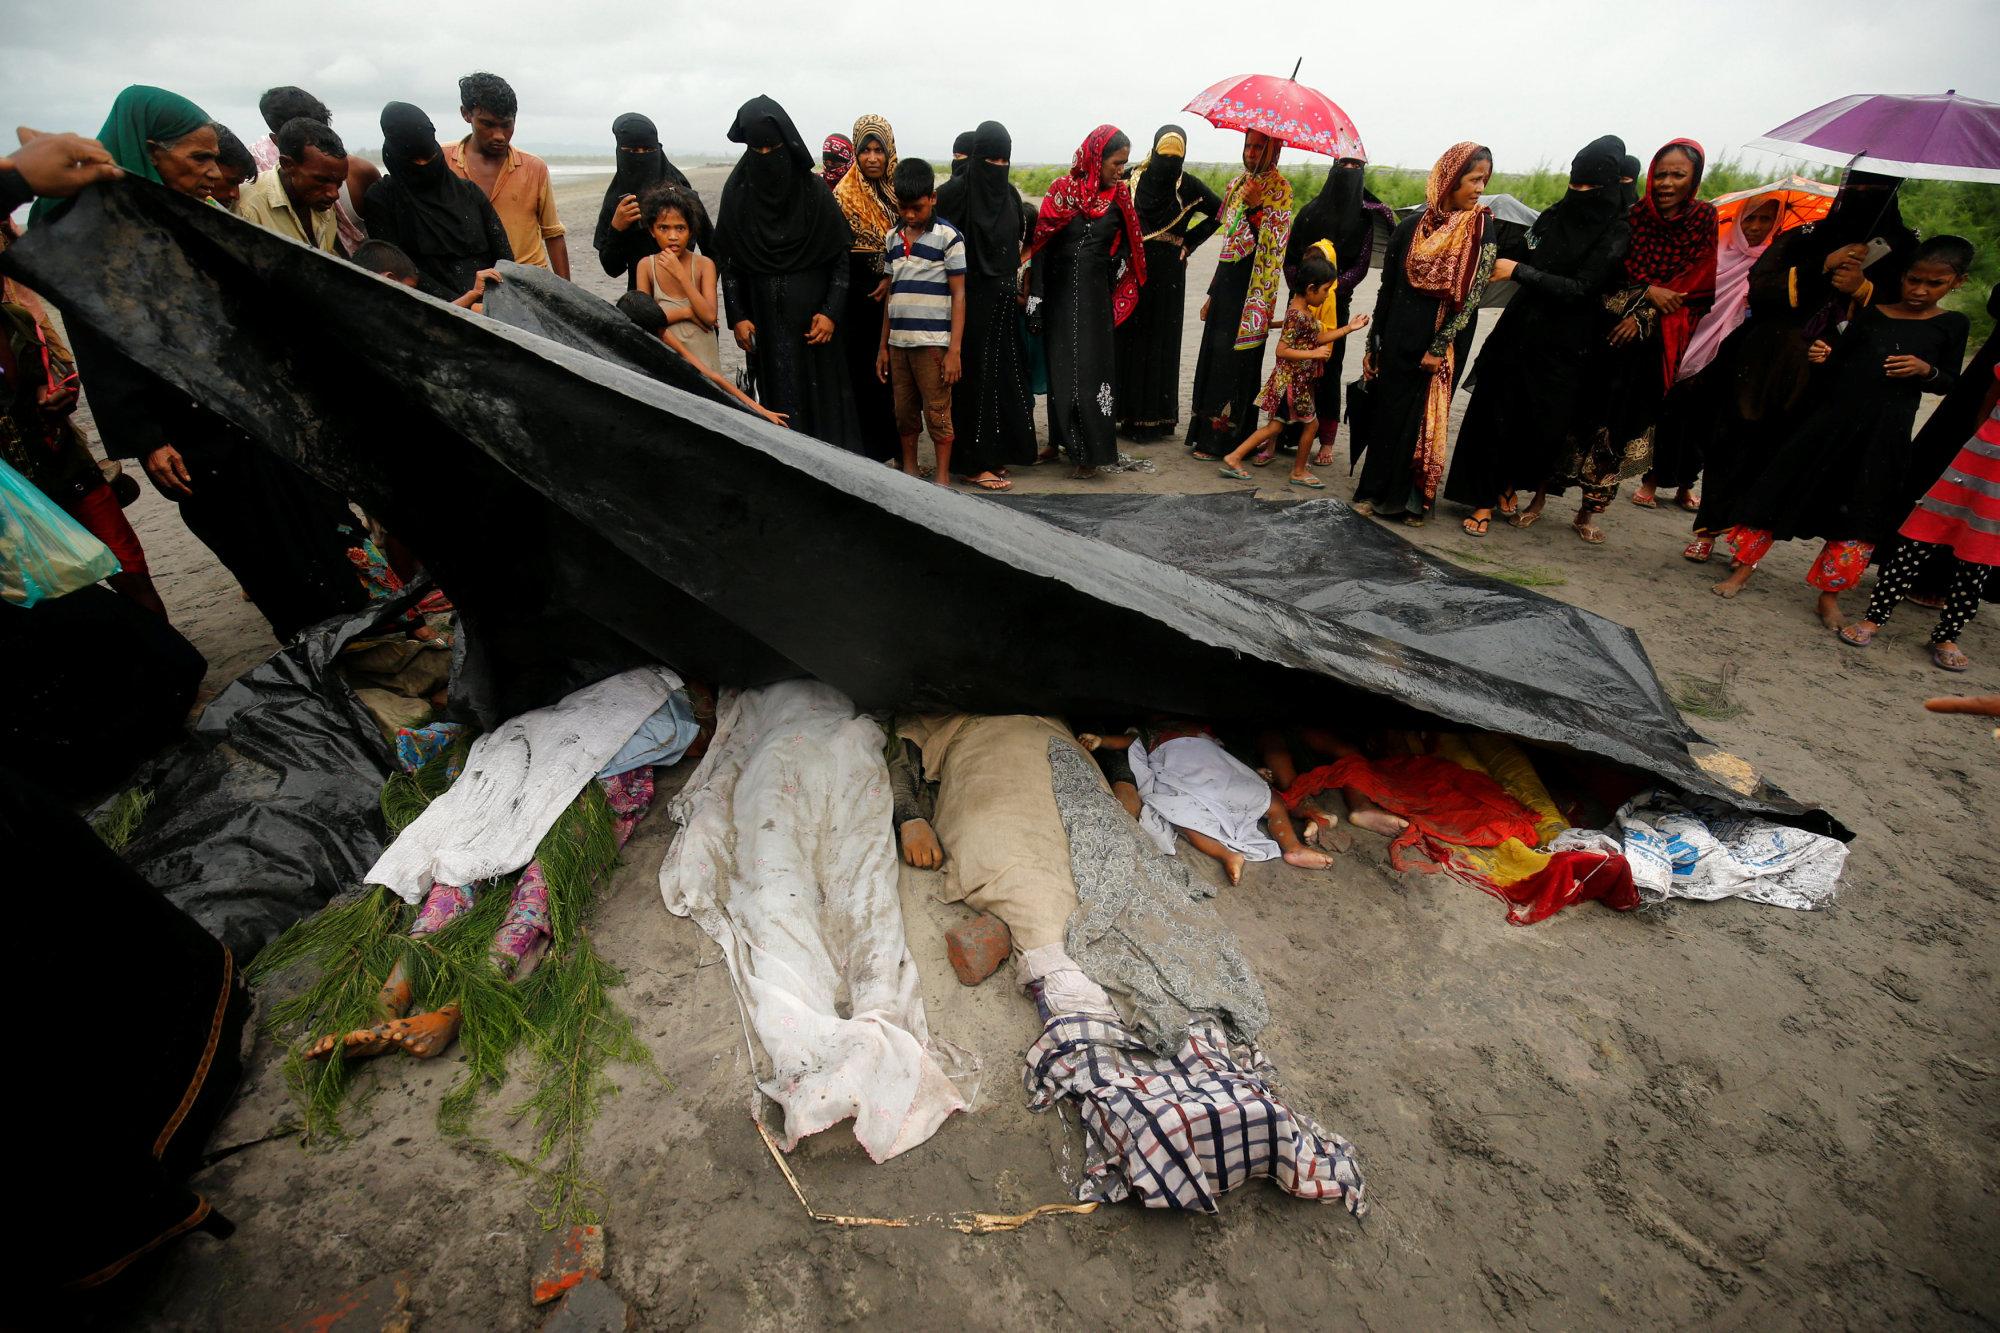 At Least 18 Rohingya Women Kids Die In Desperate Boat